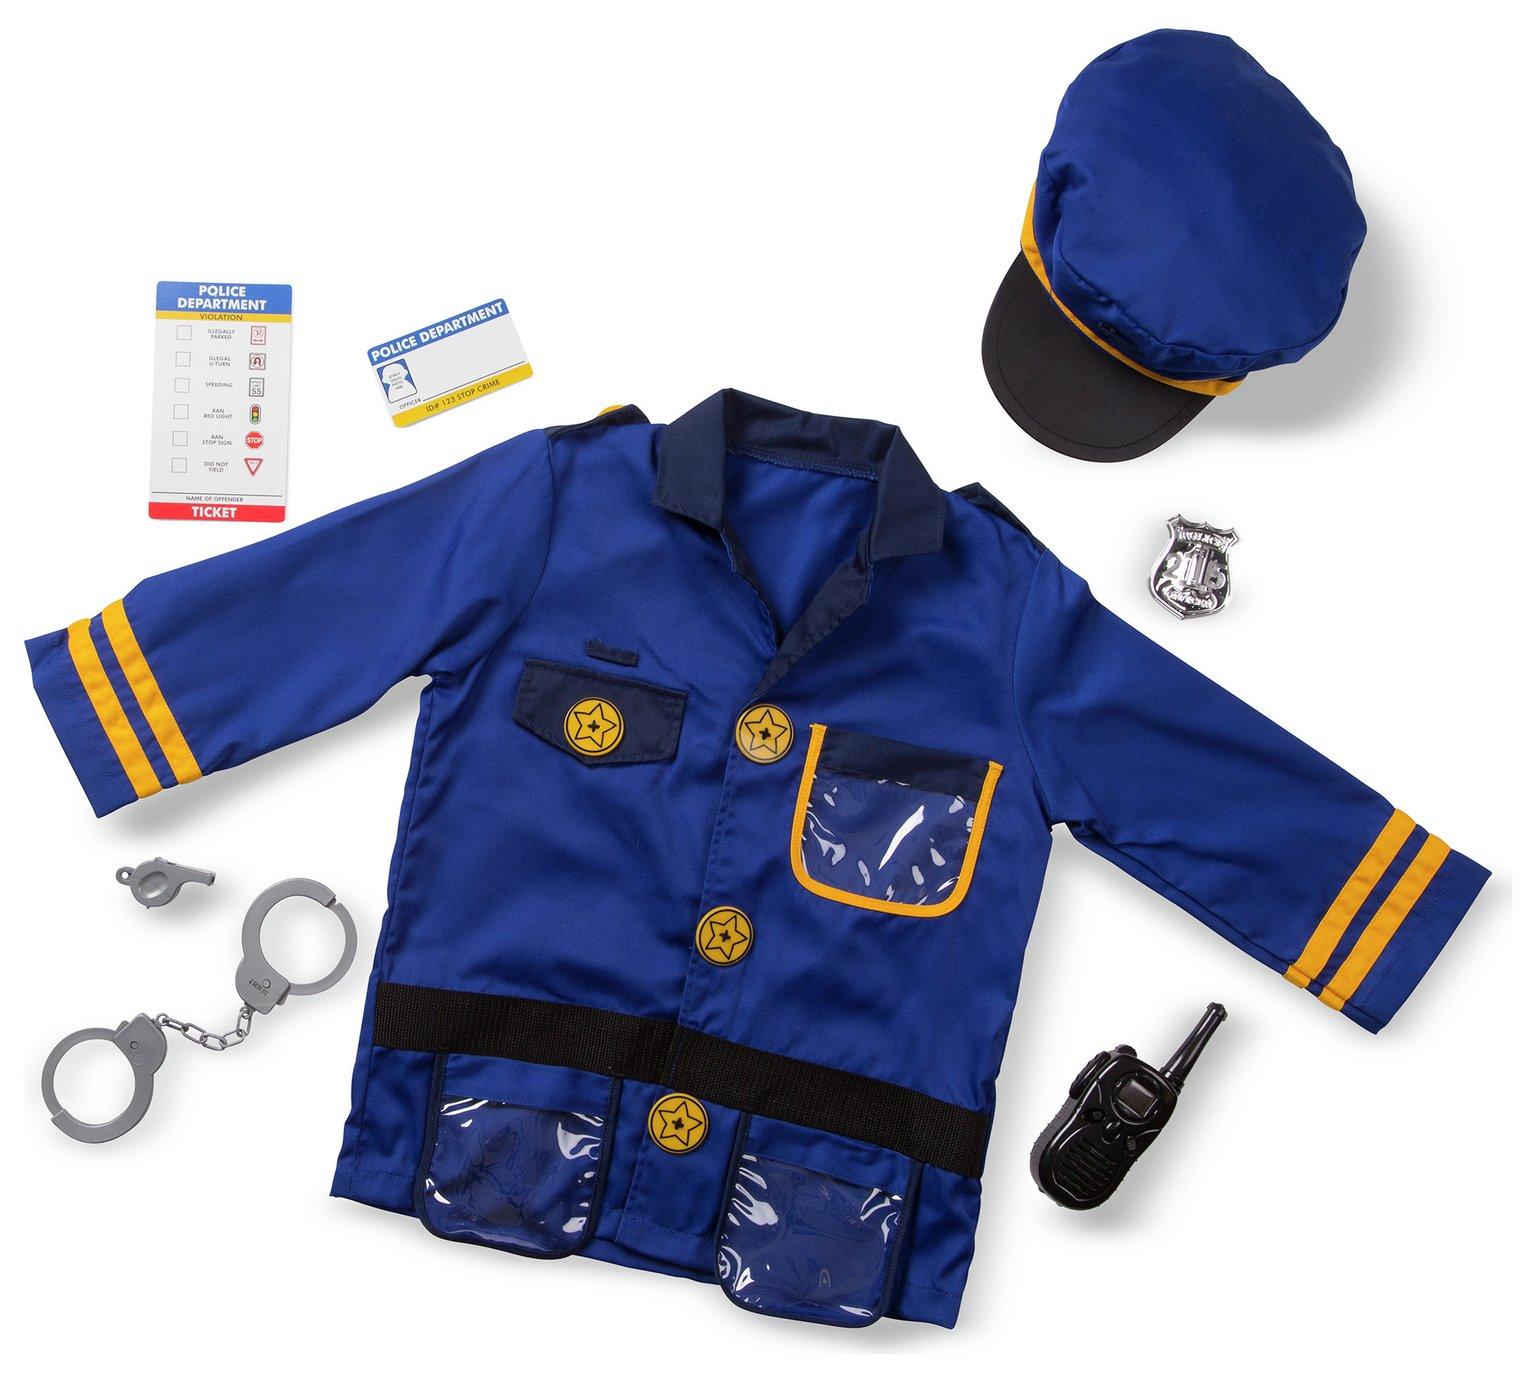 Маскарадный костюм «Полицейский»Карнавальные костюмы<br>Маскарадный костюм «Полицейский»<br>